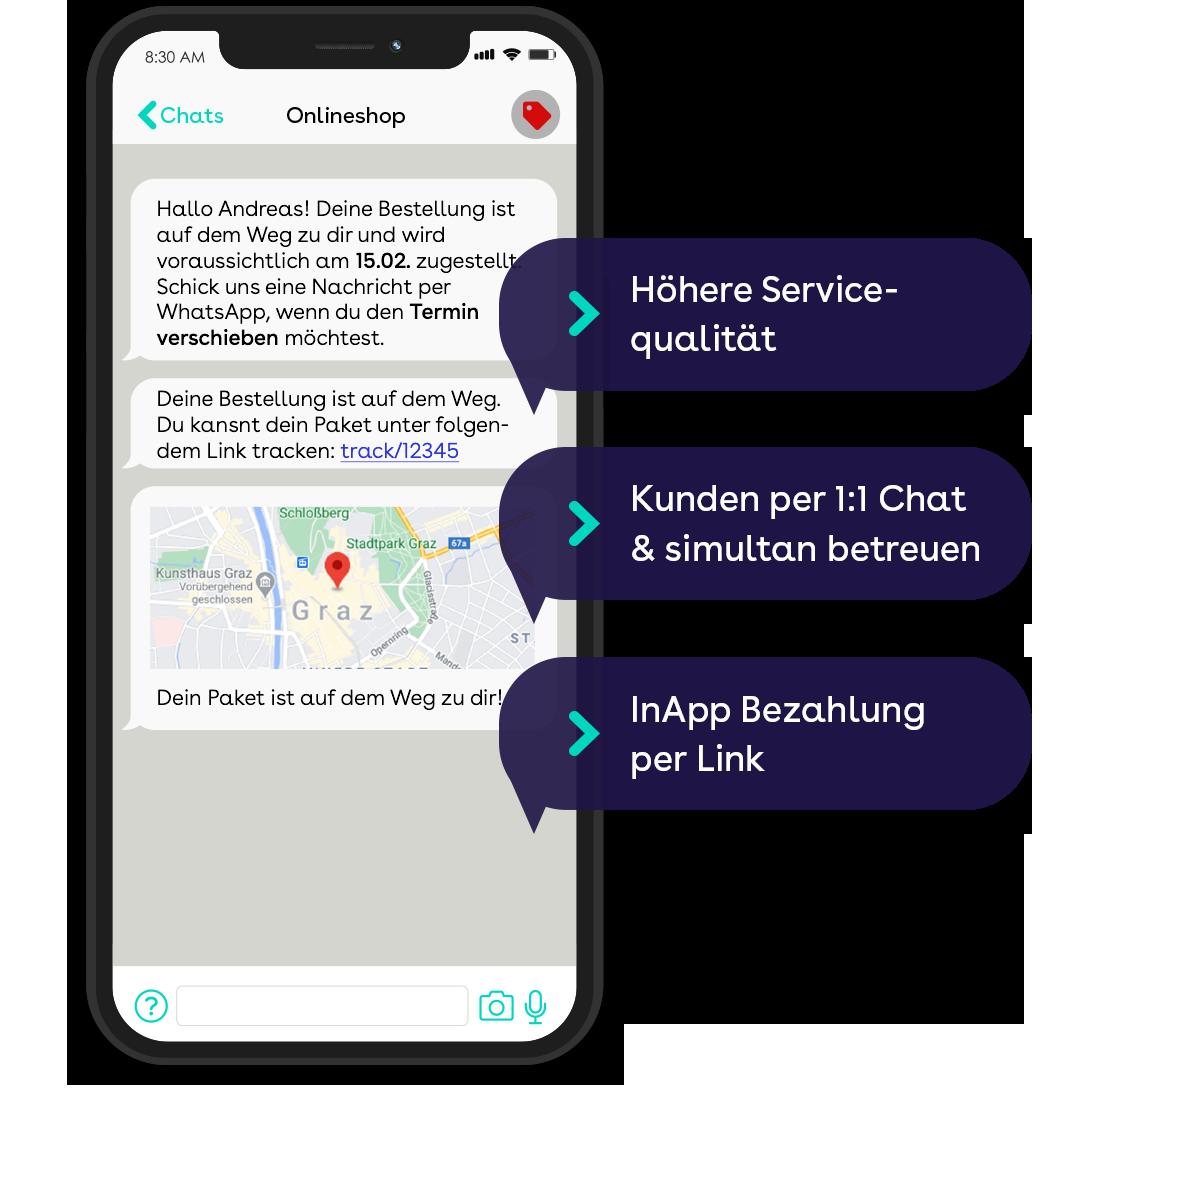 websms - Die Vorteile von WhatsApp: Höhere Servicequalität, Kunden per 1:1 Chat und simultan betreuen, InApp Bezahlung per Link